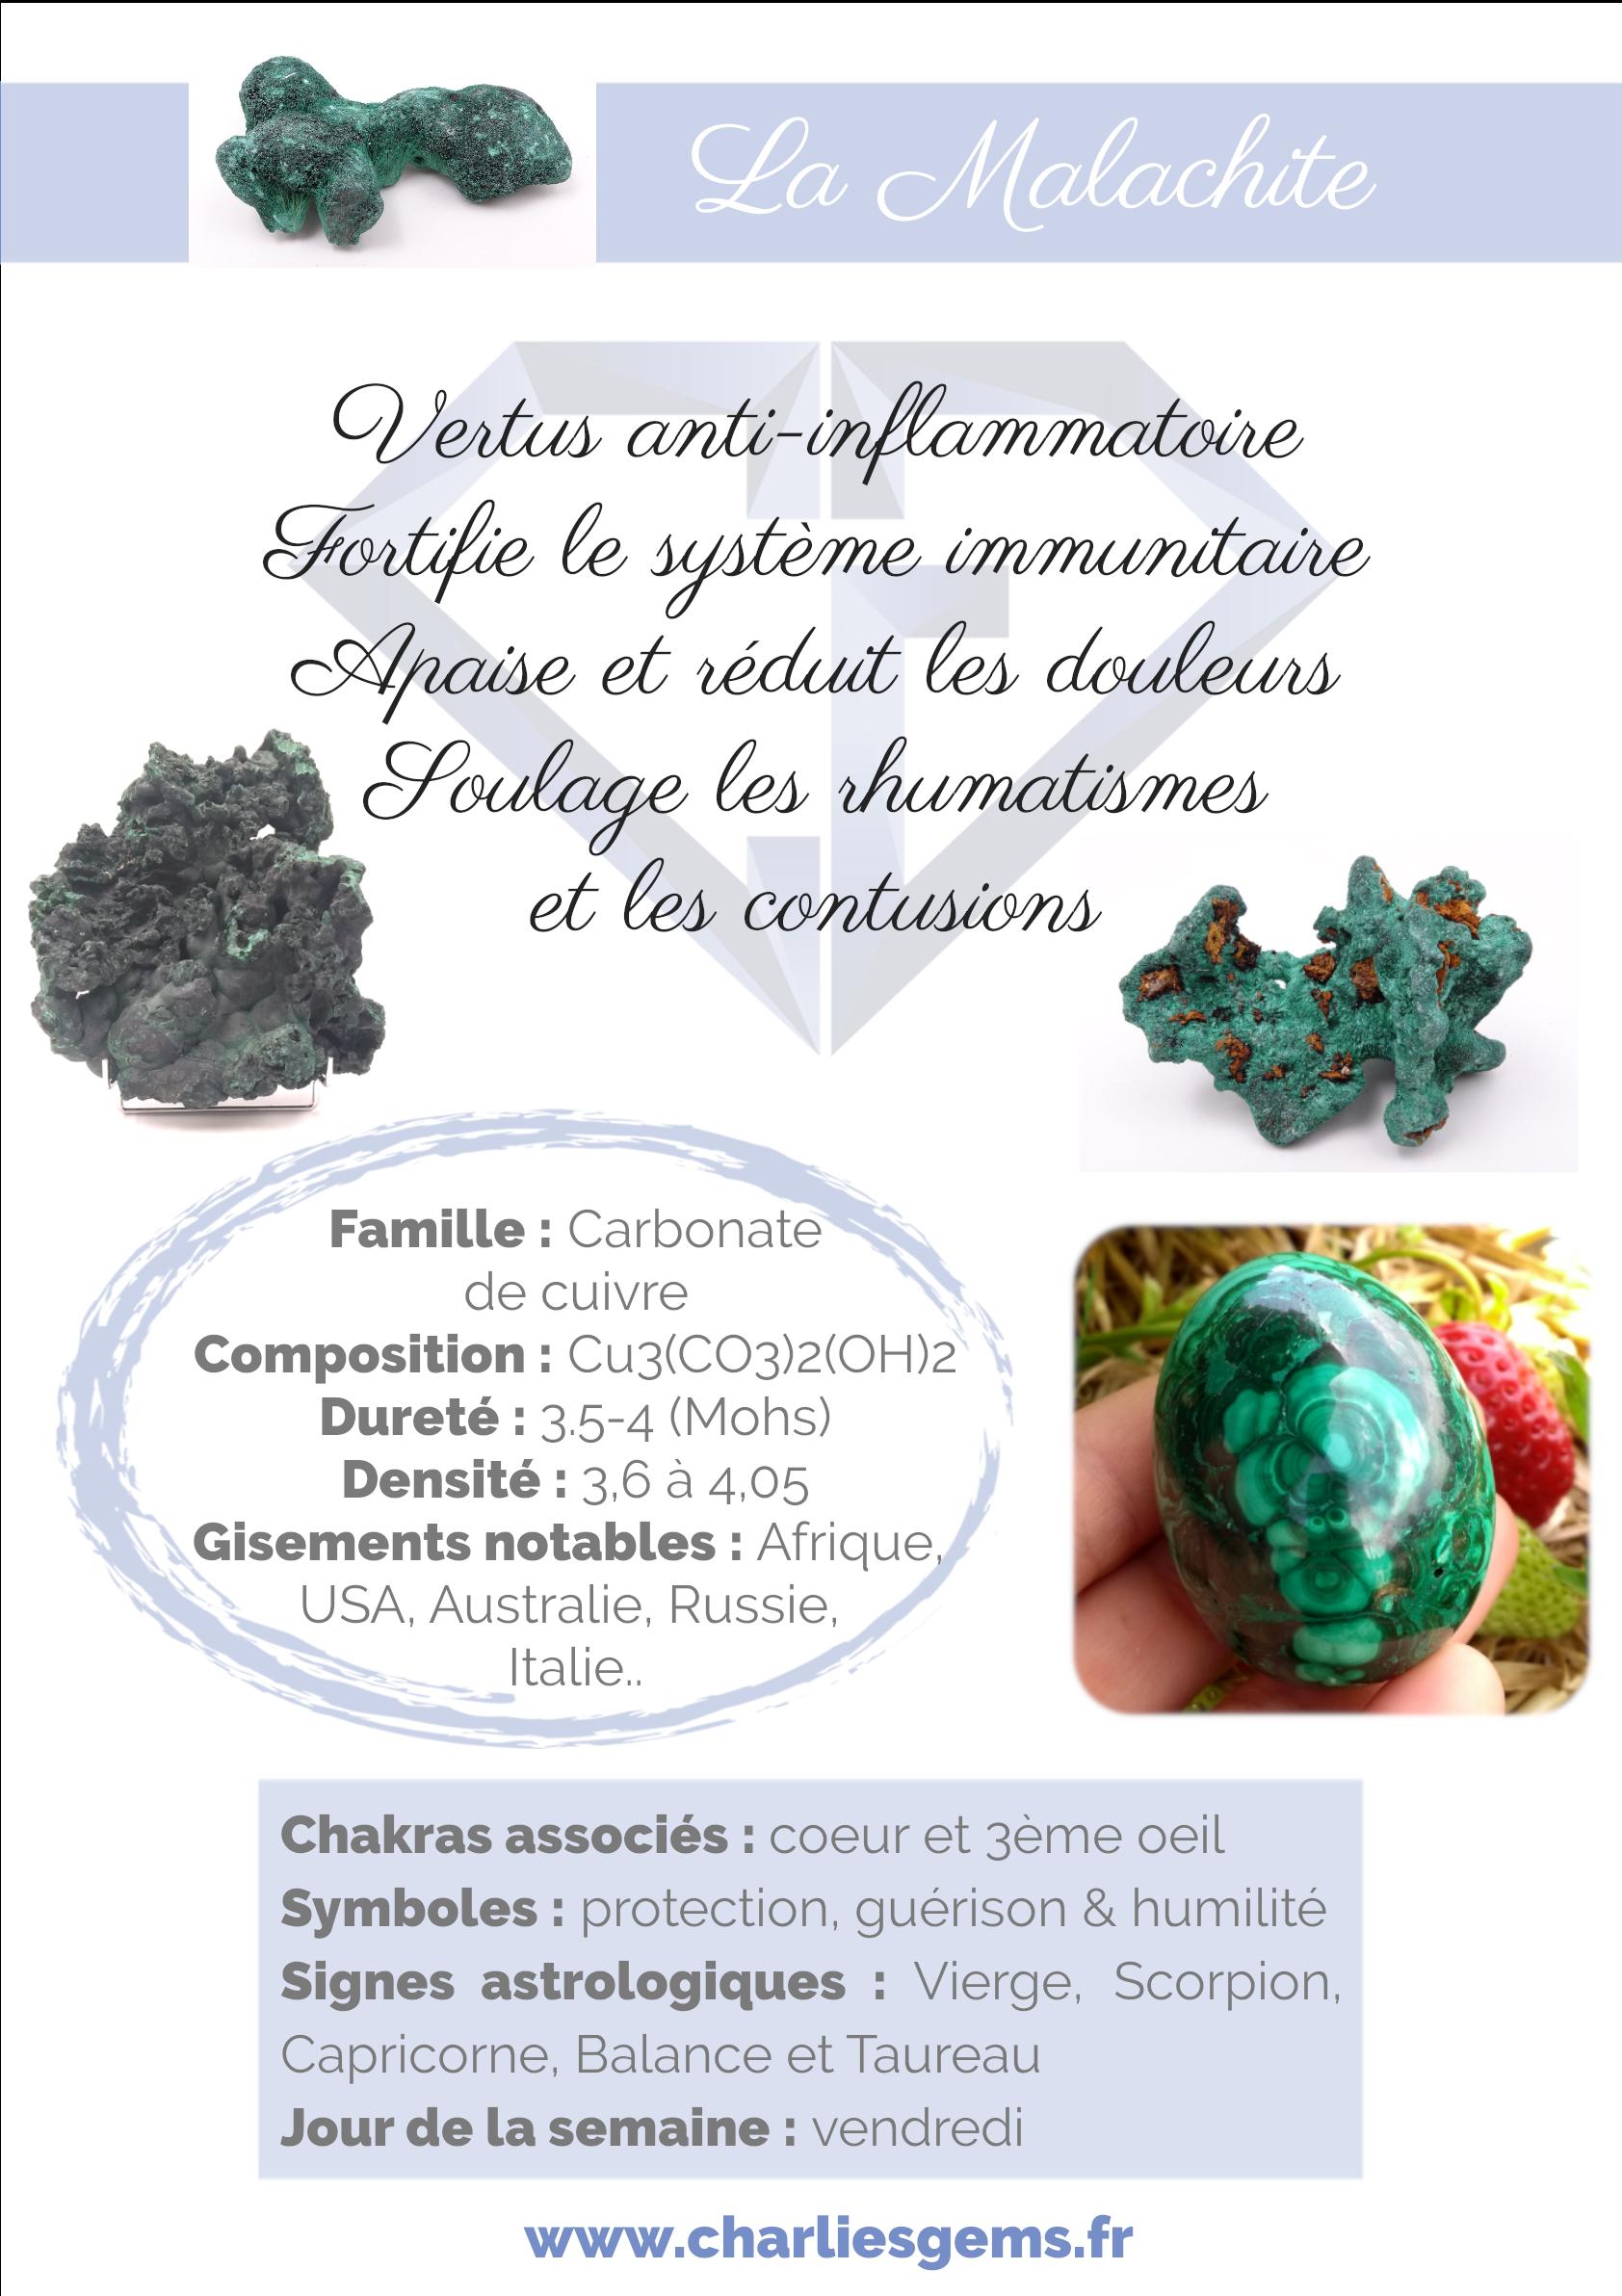 Fiche de présentation de la Malachite (description, lithothérapie, propriétés) - Par Charlie's Gems